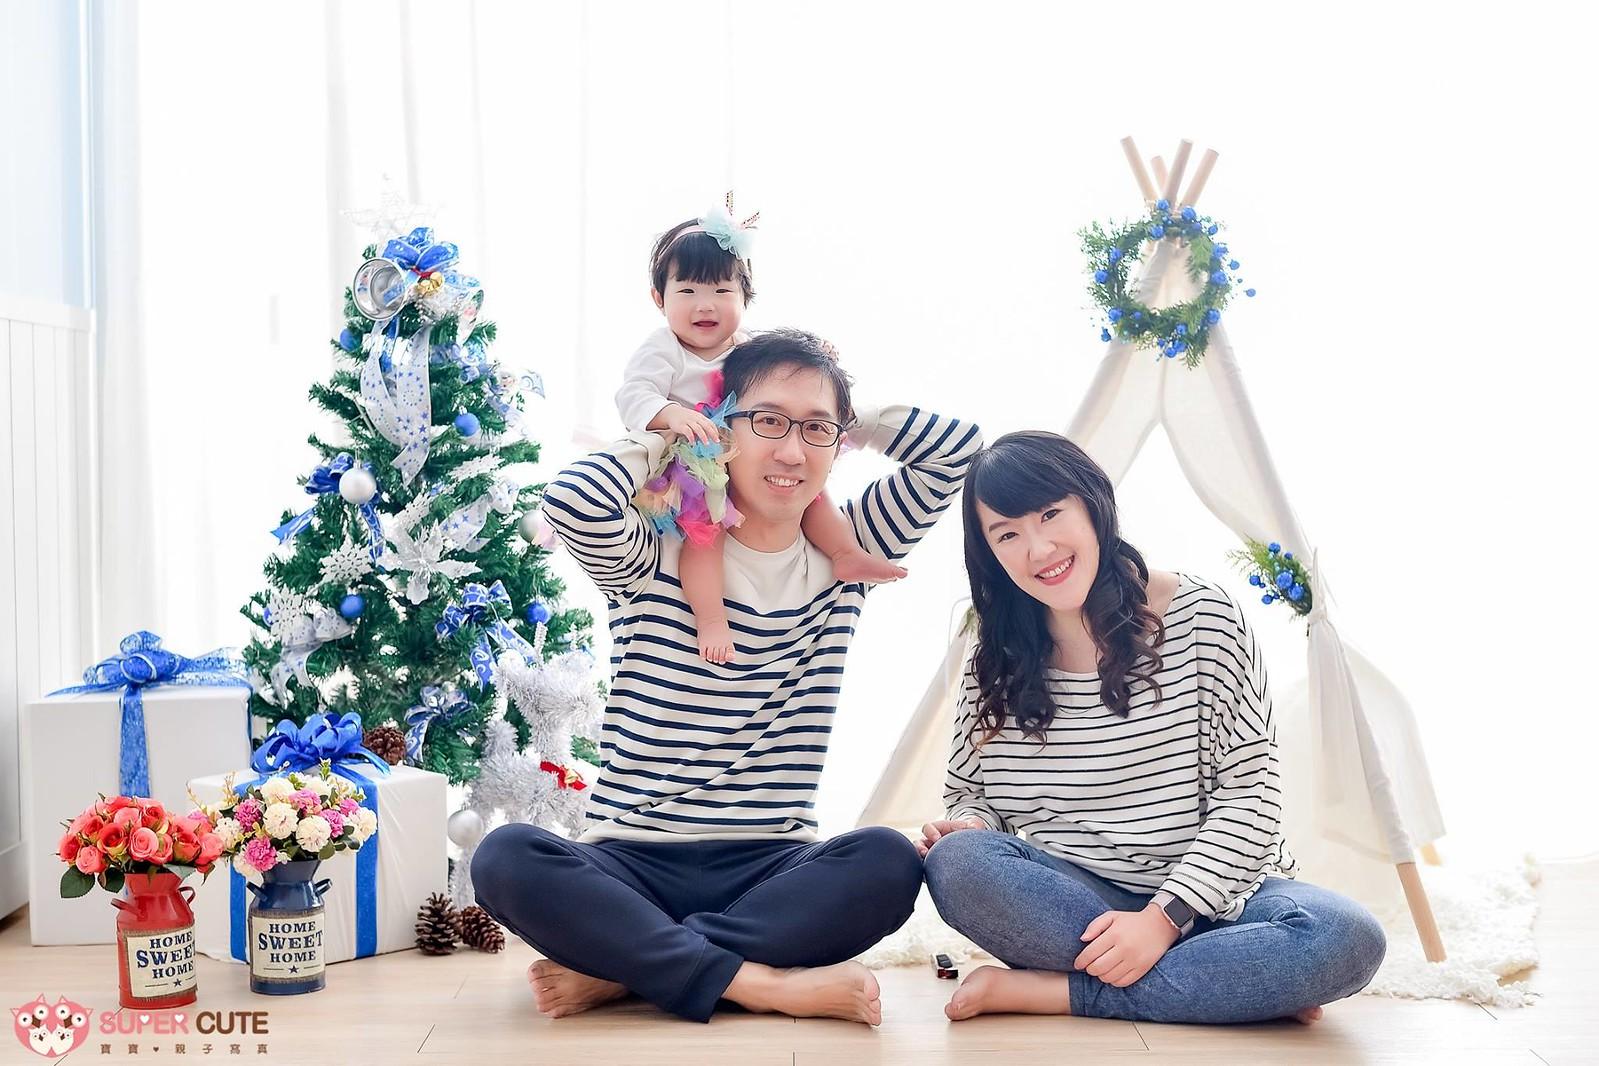 兒童寫真,寶寶寫真,小朱爸,耶誕節寫真